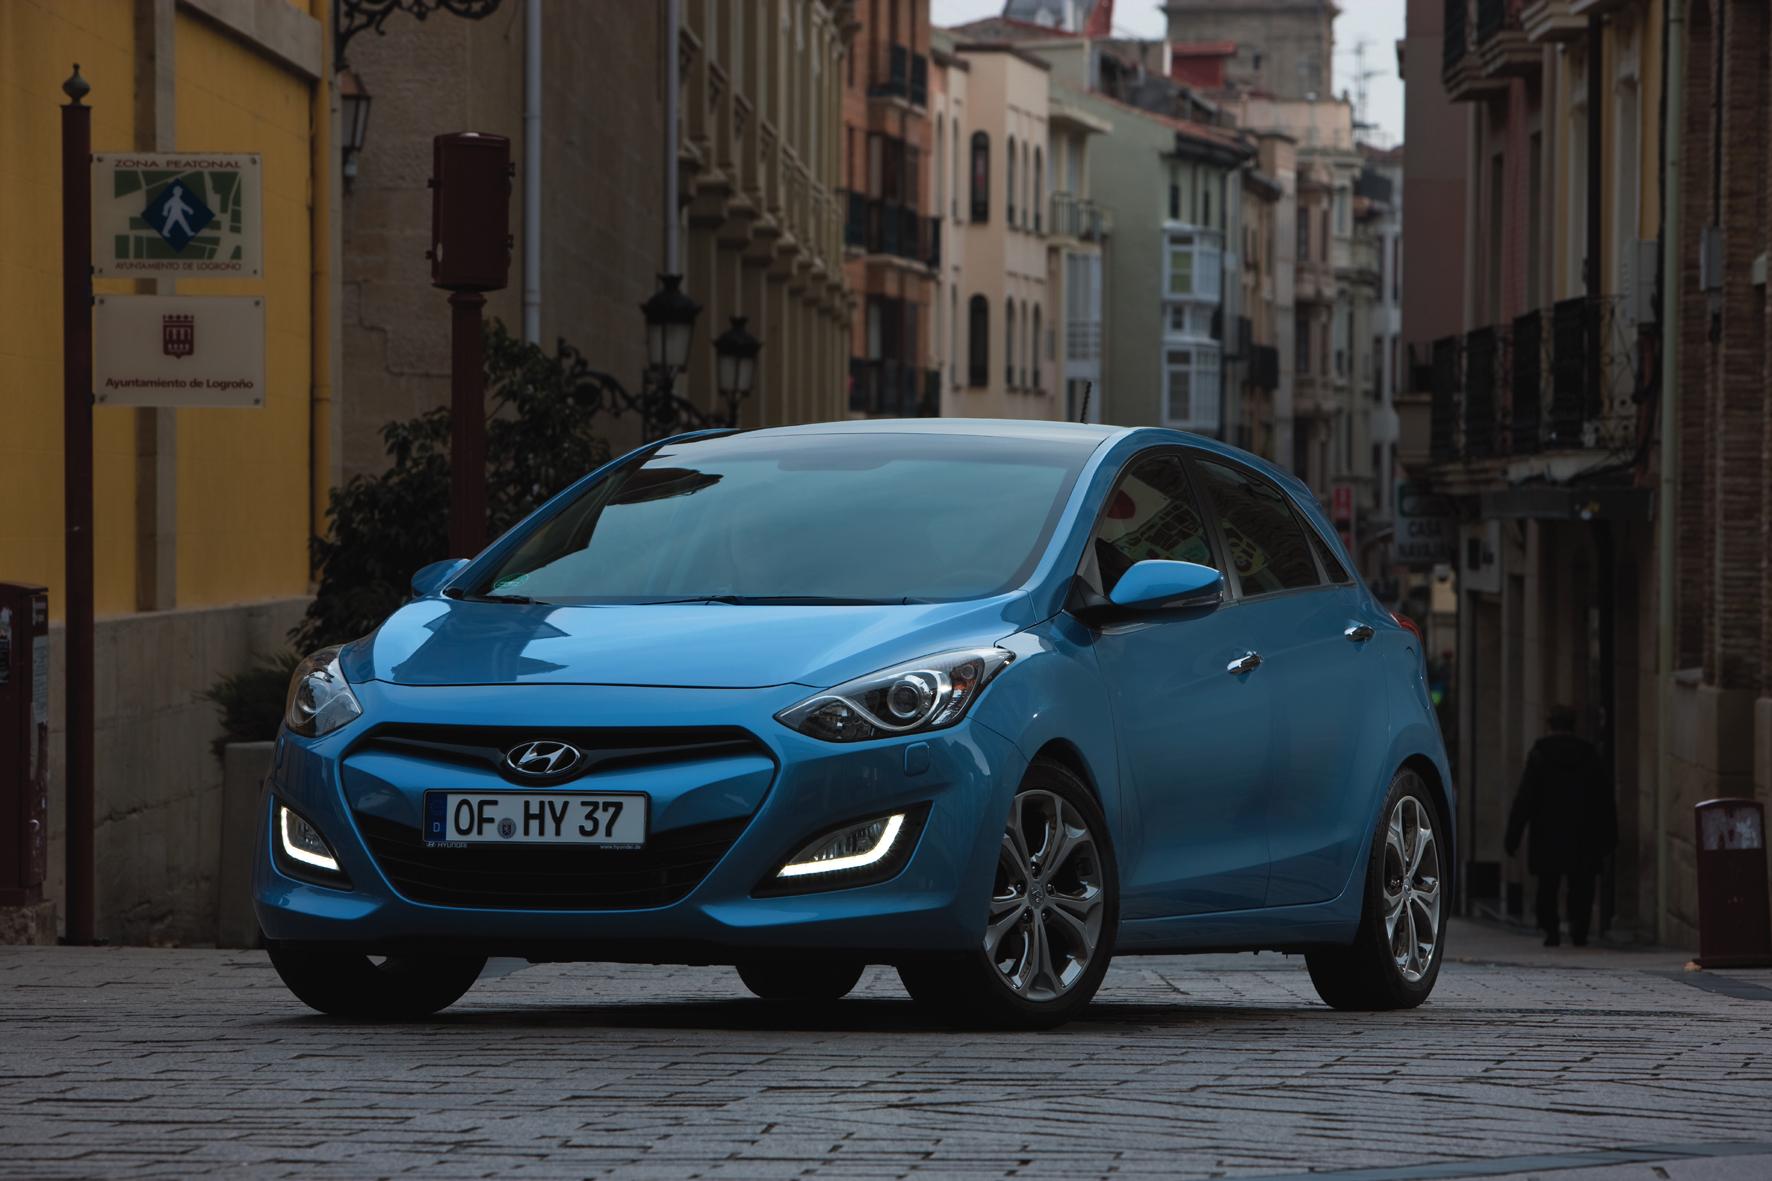 mid Düsseldorf - Der Preis ist heiß: Mit einem Internet-Rabatt von 27,4 Prozent ist der Hyundai i30 (Foto) der absolute Liebling der Schnäppchenjäger.